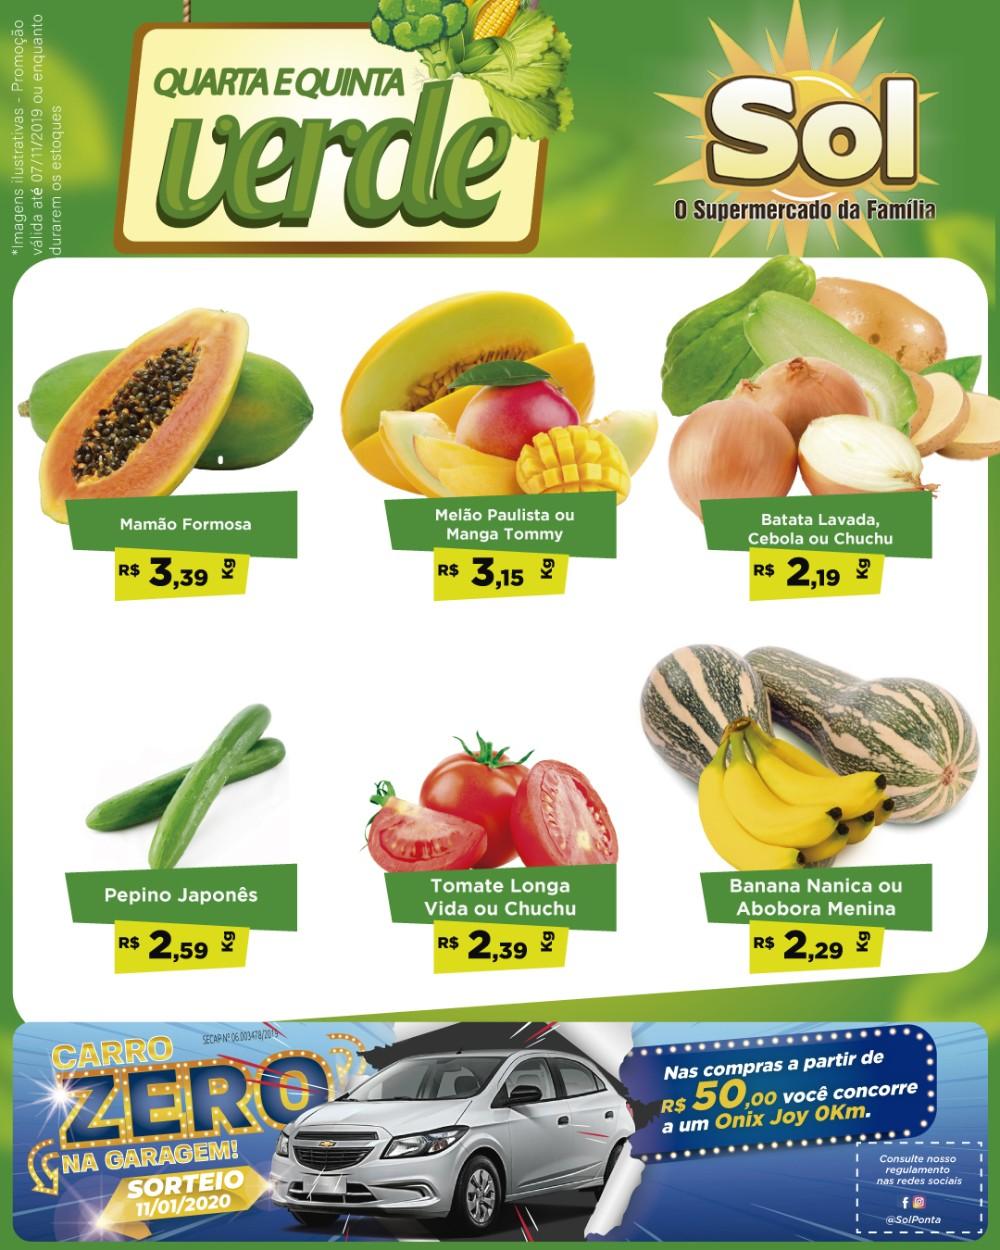 Façam suas compras no Supermercado Sol nesta Quinta Verde e a cada R$ 50,00 em compras você ganha um cupom e concorre a um carro 0Km